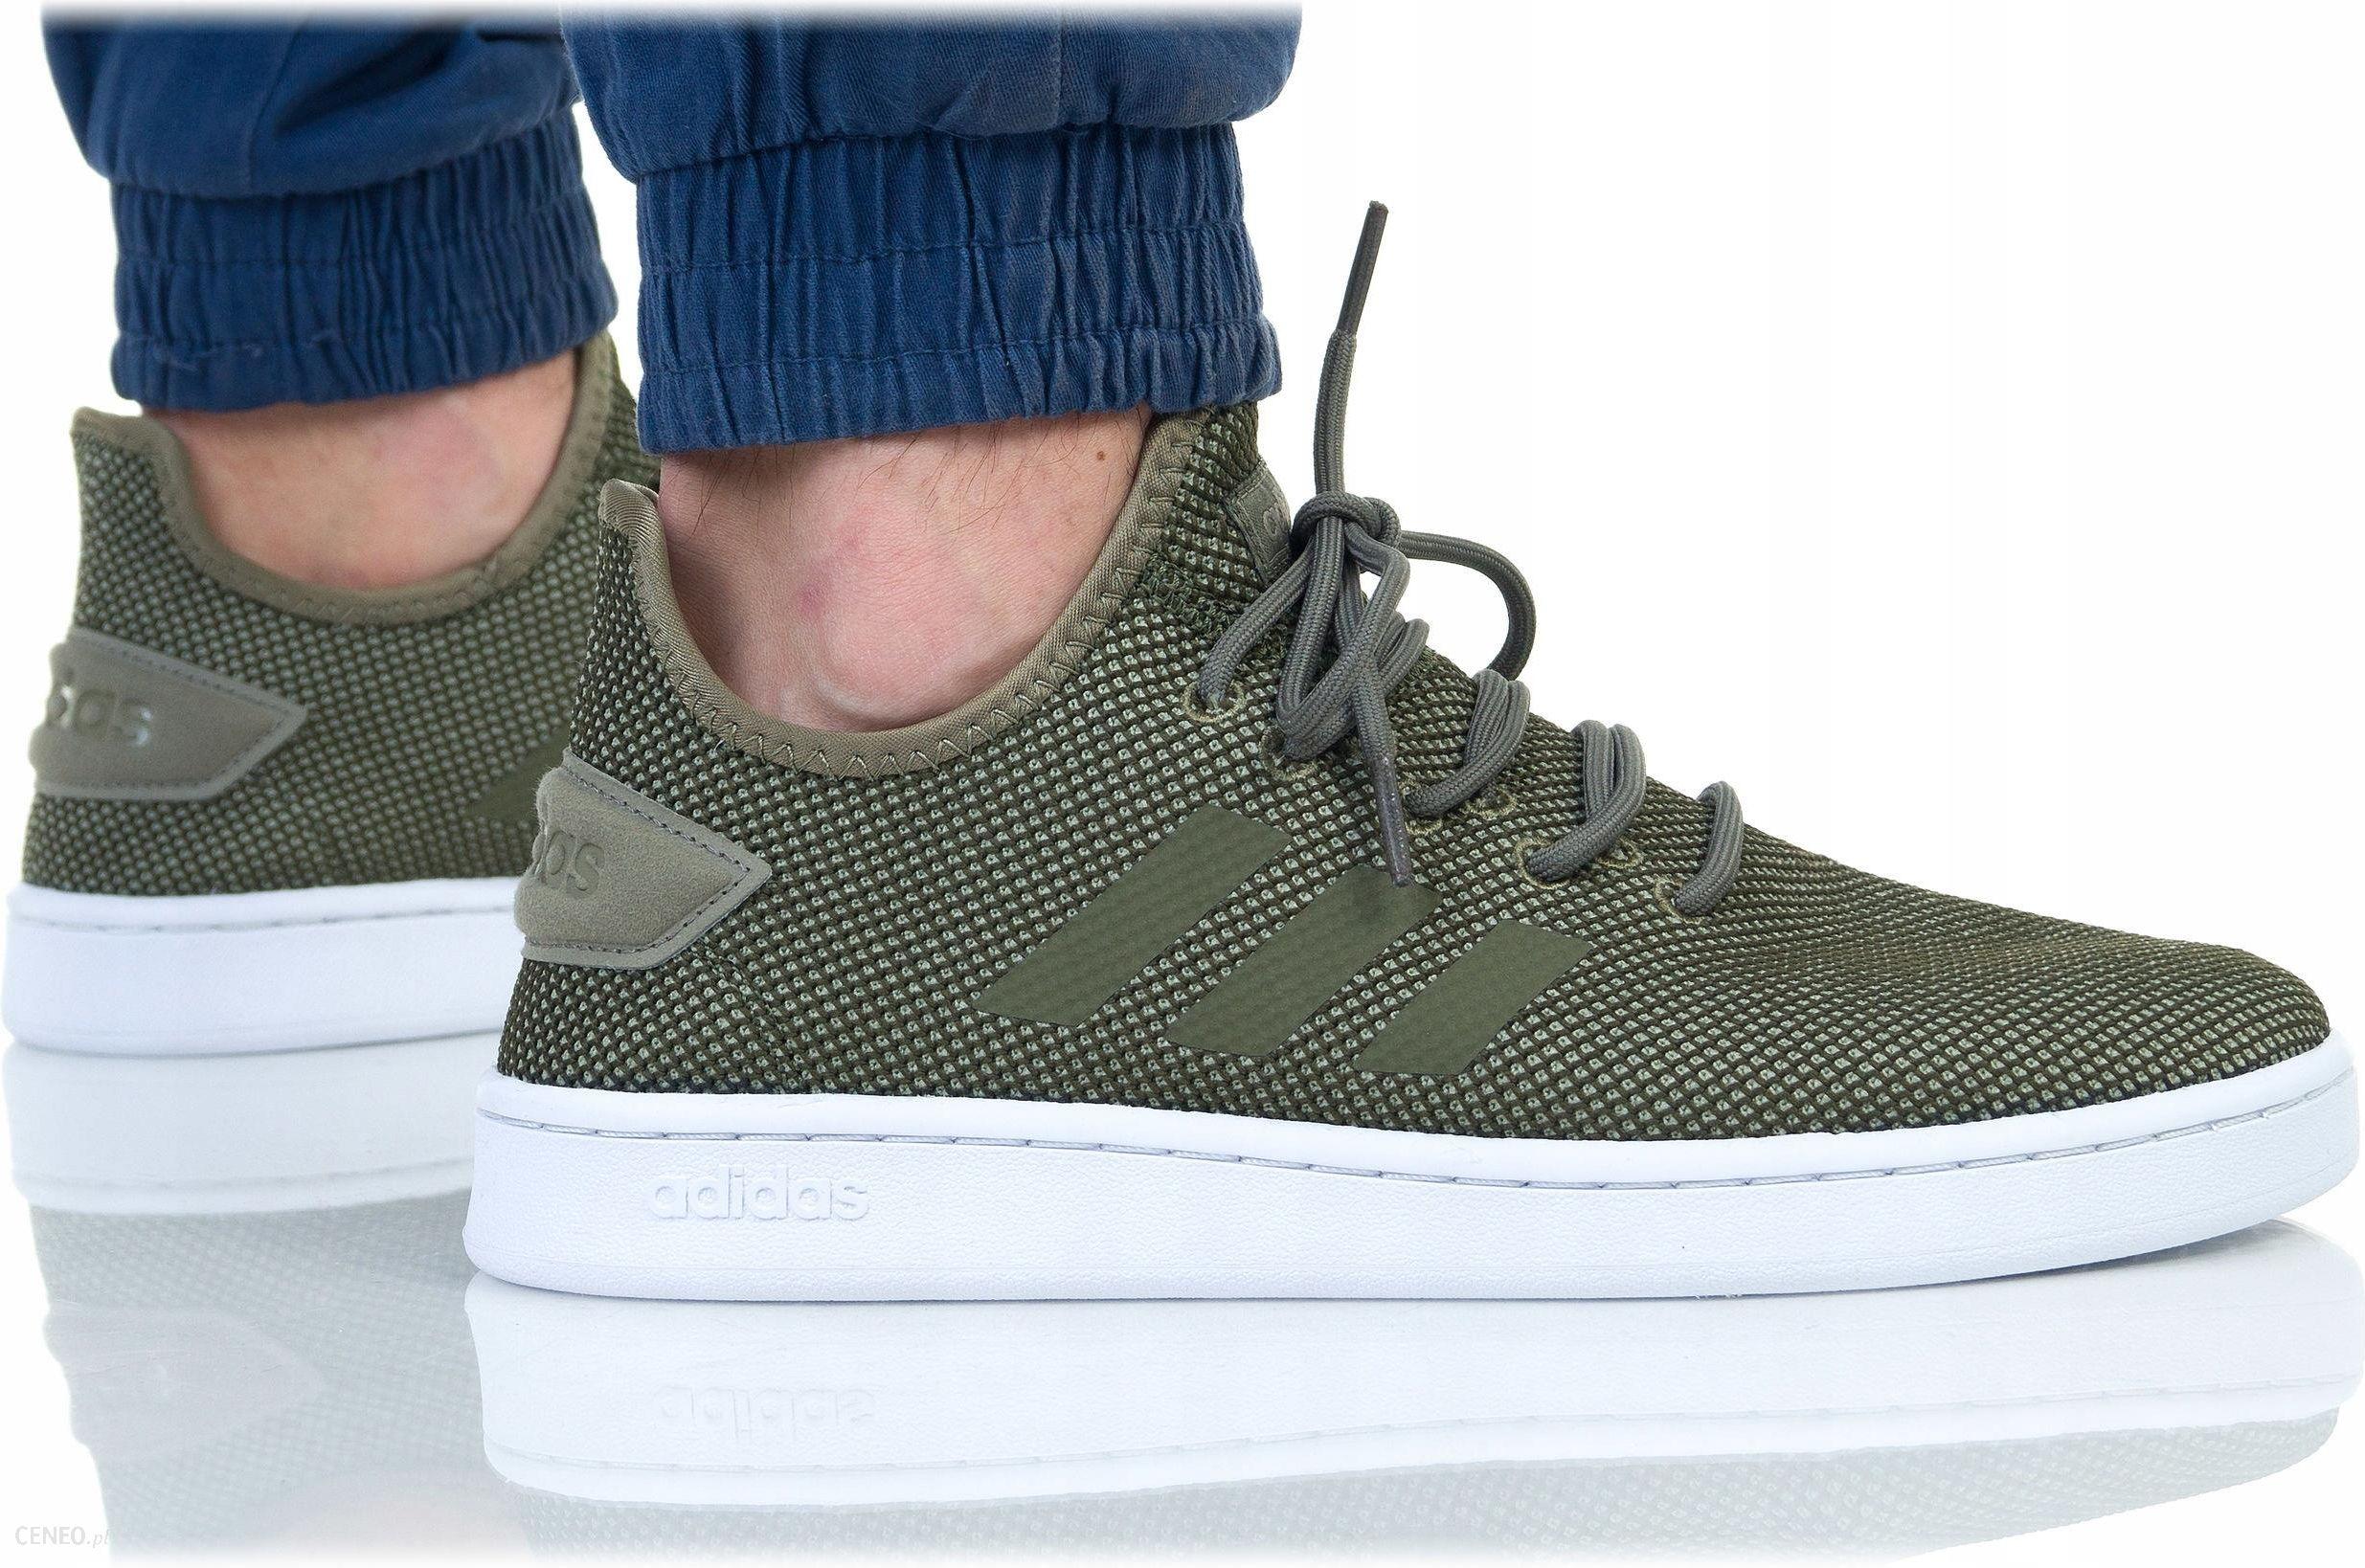 Trampki męskie Adidas Originals gazelle zielone w Domodi